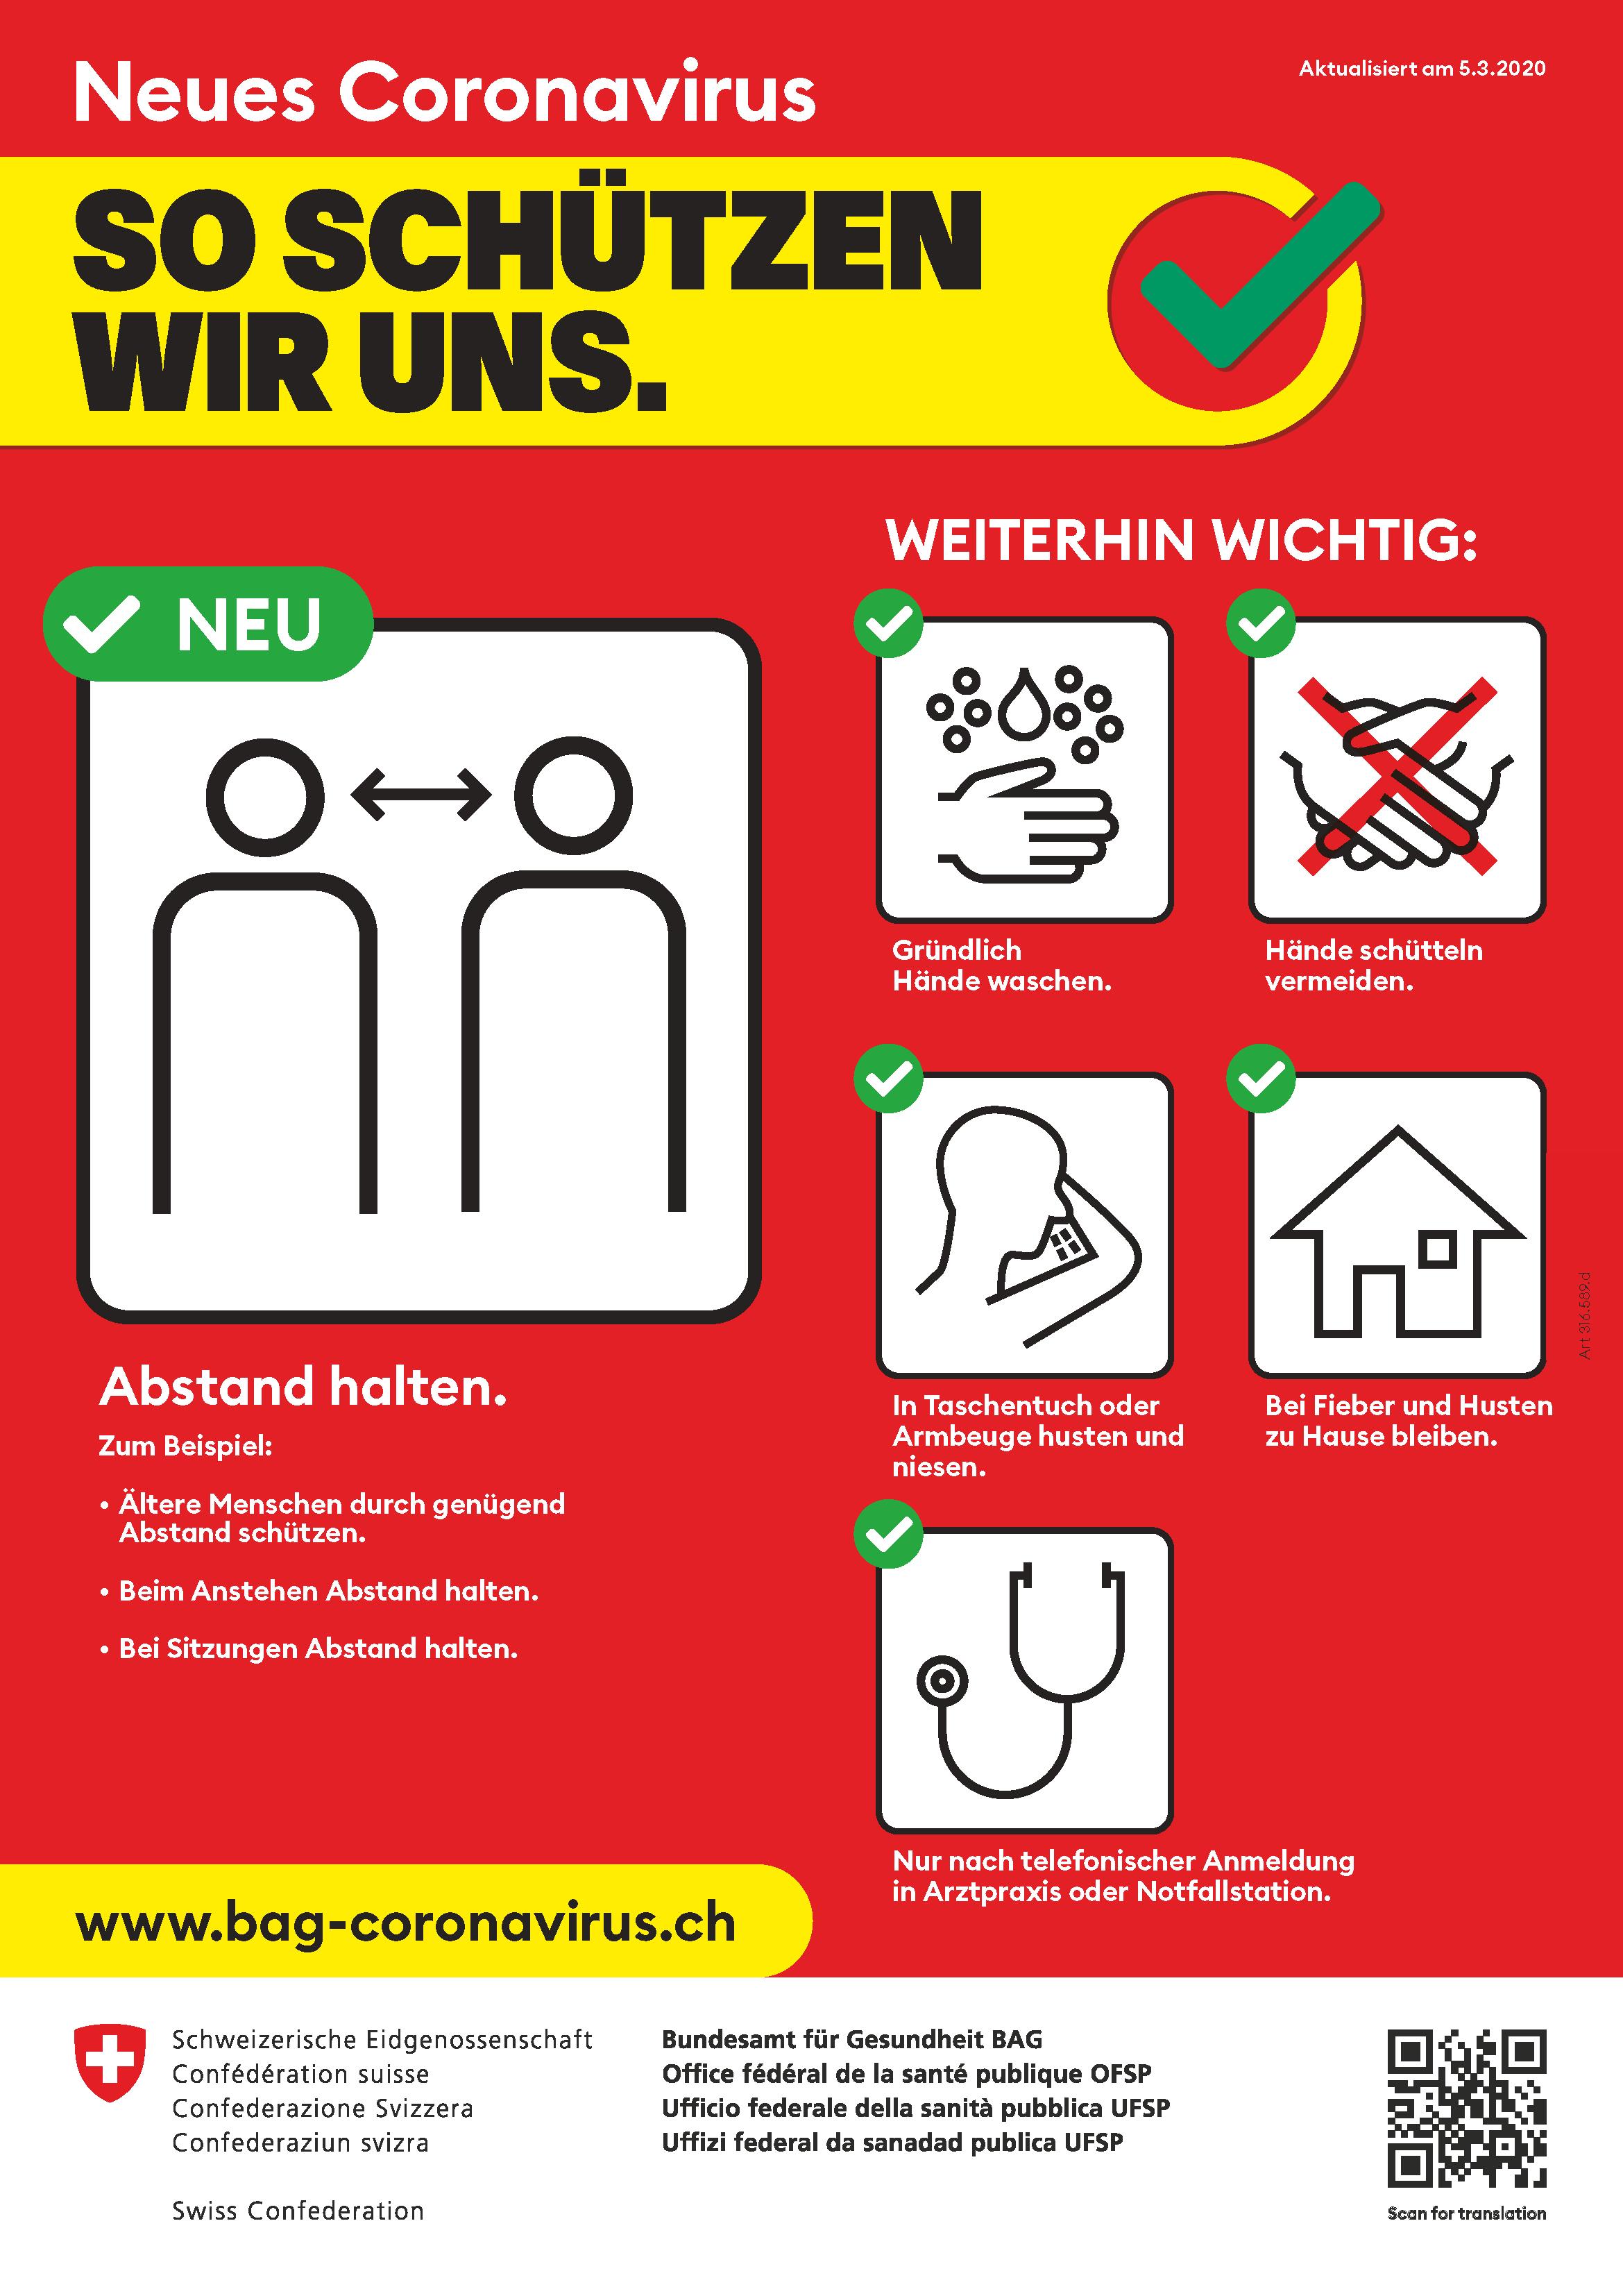 plakat_neues_coronavirus_so_schuetzen_wir_uns.png